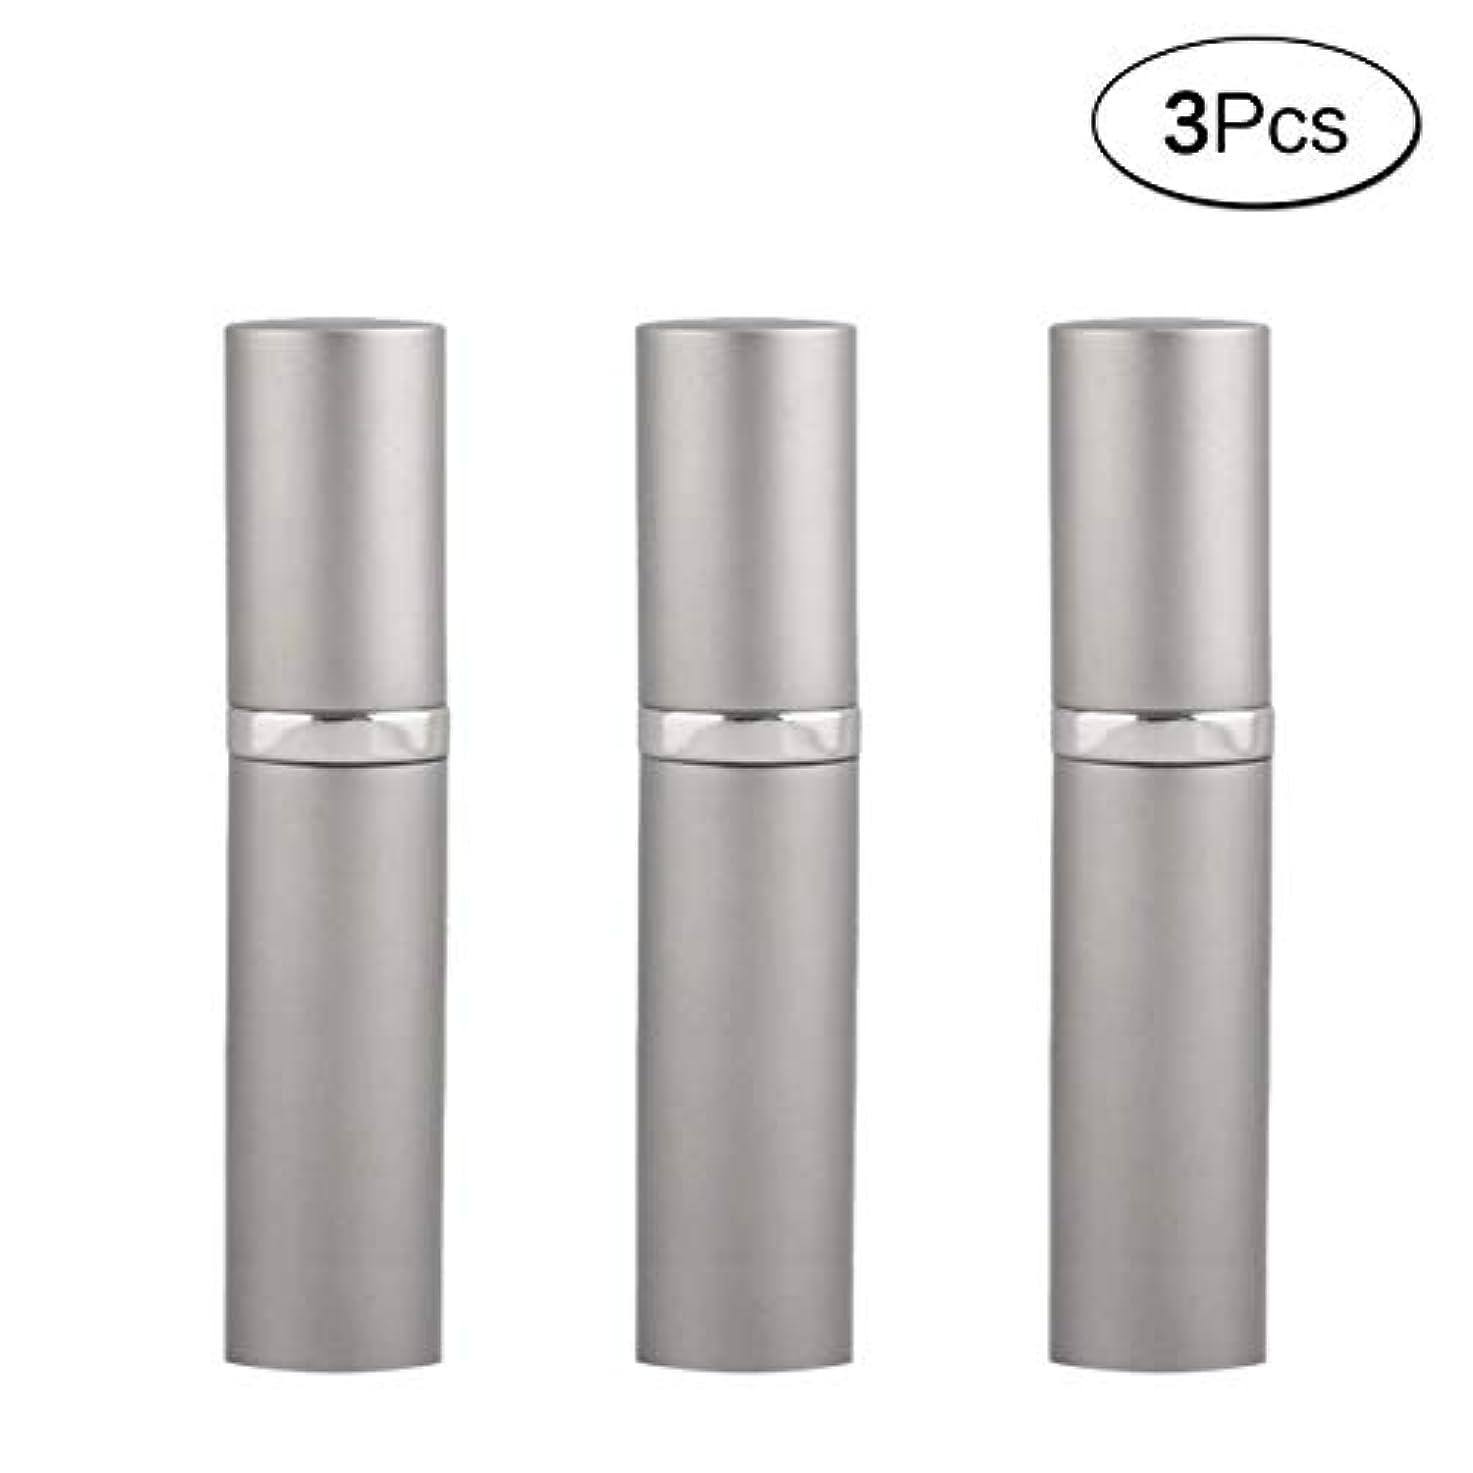 まばたき脚本家ラインナップ5ML アトマイザ- 詰め替え ポータブル クイック 香水噴霧器 携帯用 詰め替え容器 (グレ-Gray) 3本